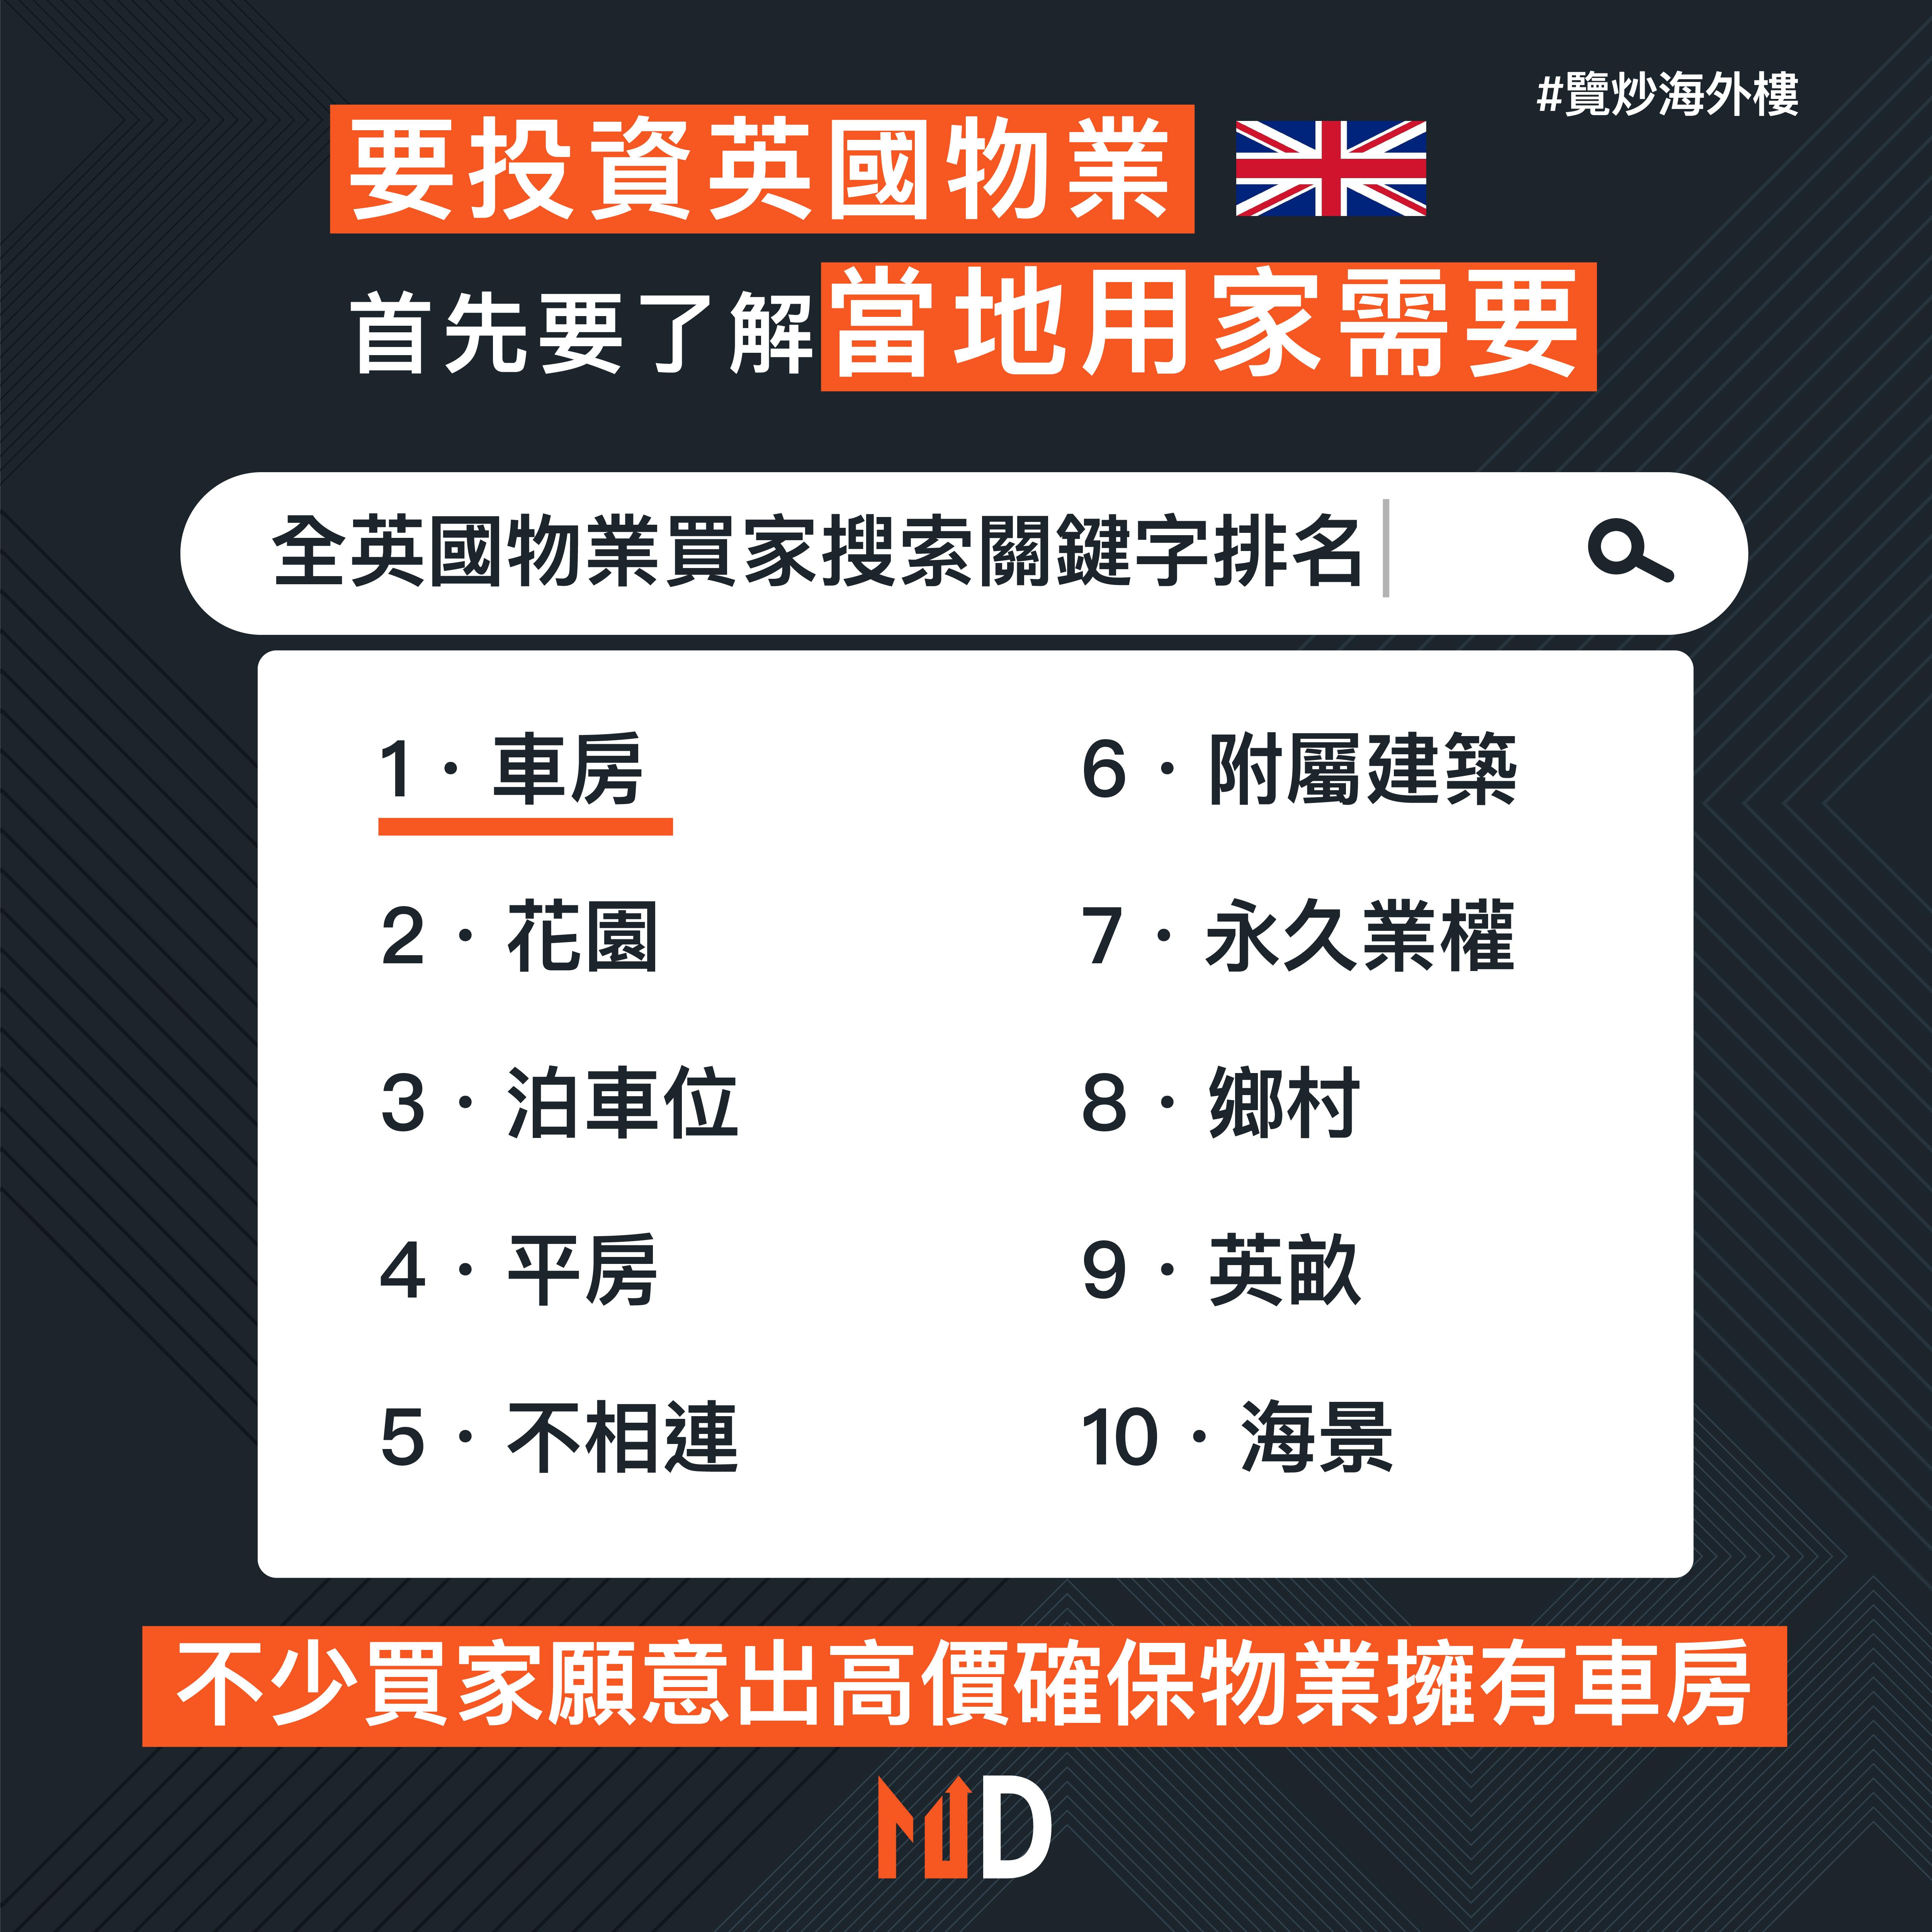 【覽炒海外樓】要投資英國物業 首先要了解當地用家需要